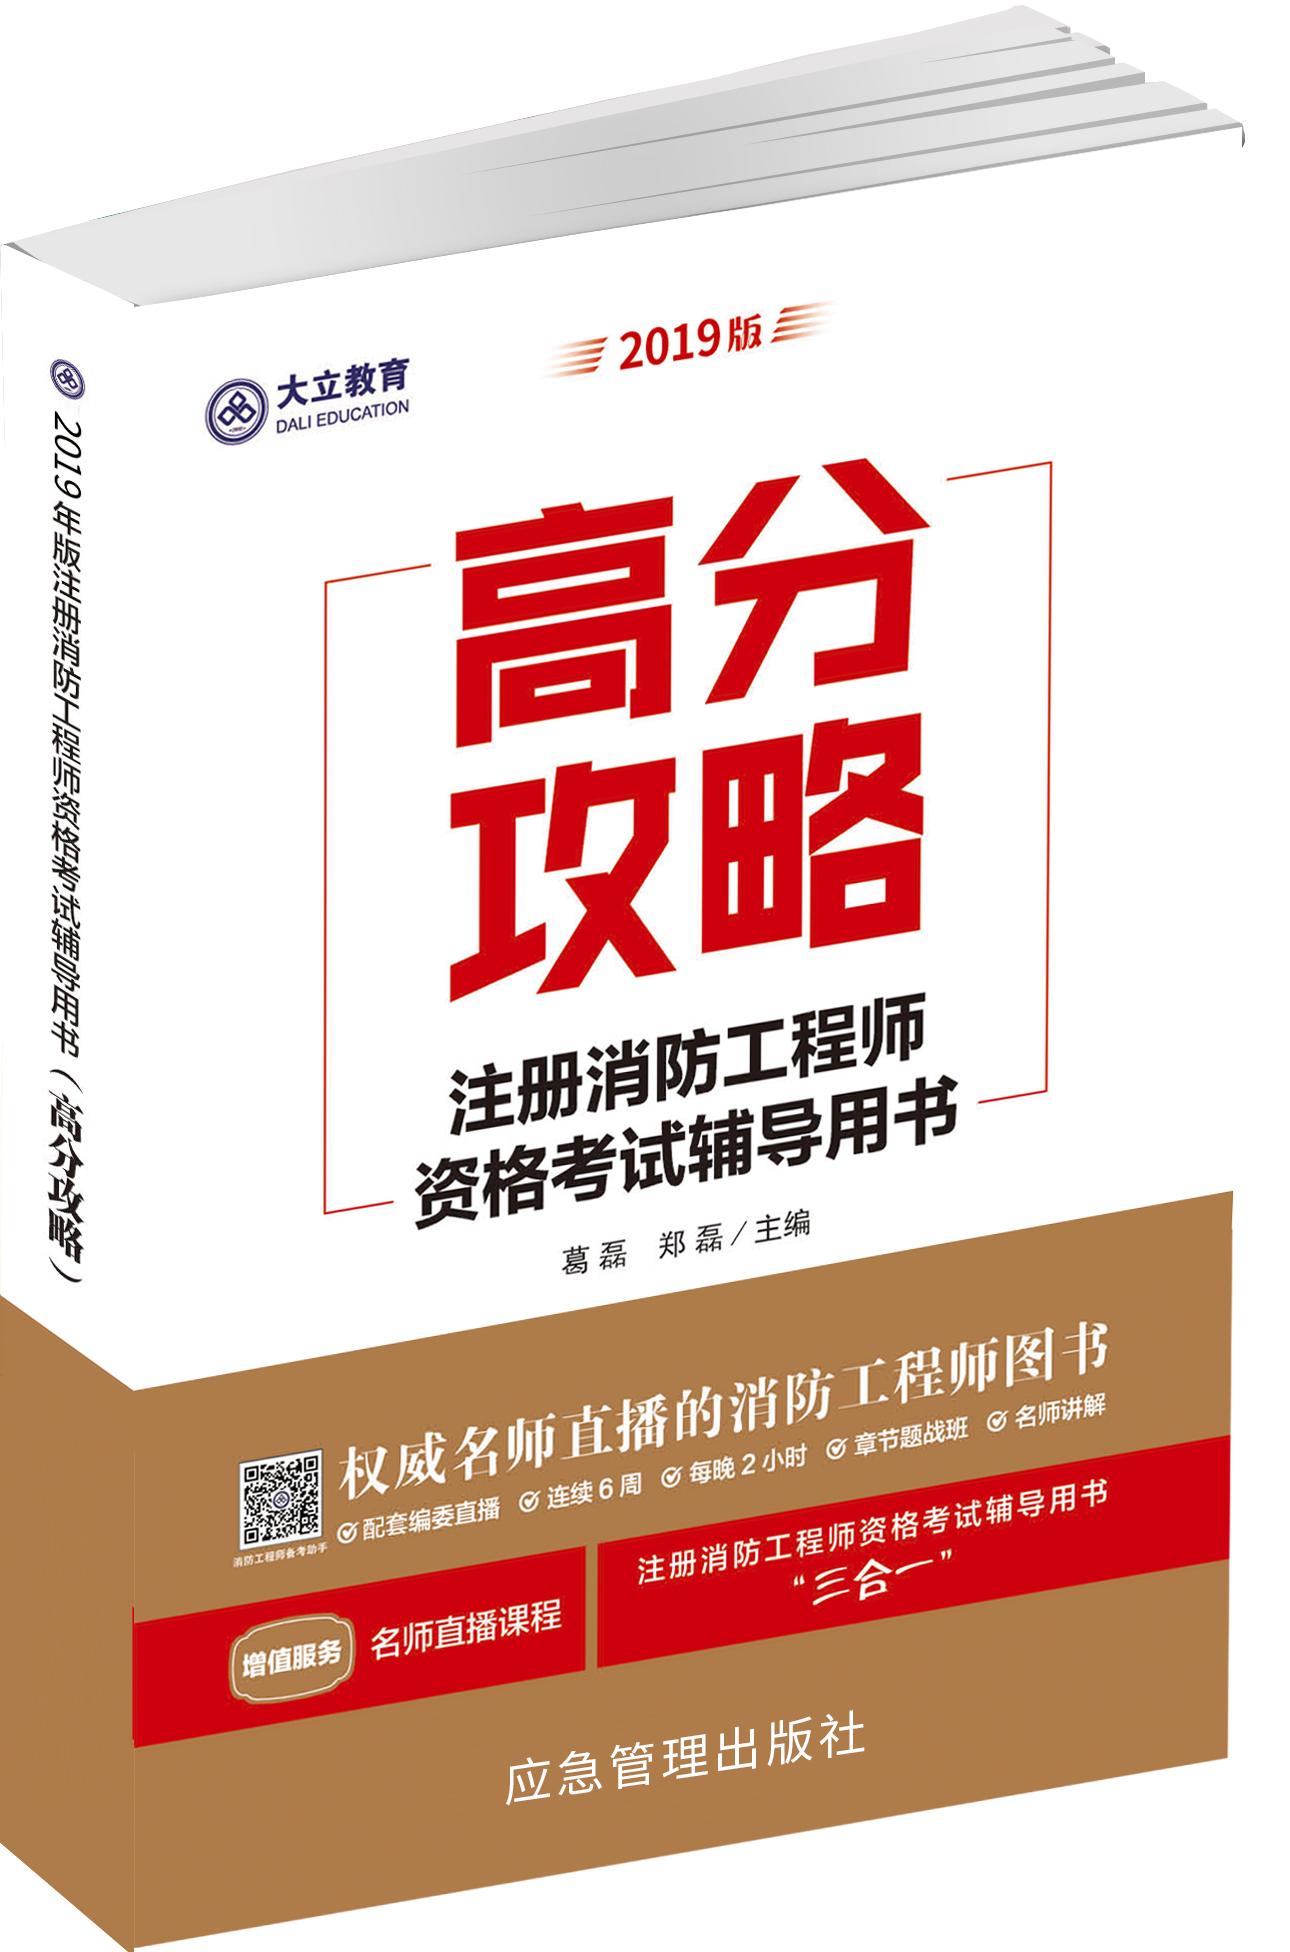 预售2019版消防工程师考试辅导书 三合一高分攻略 大立教育